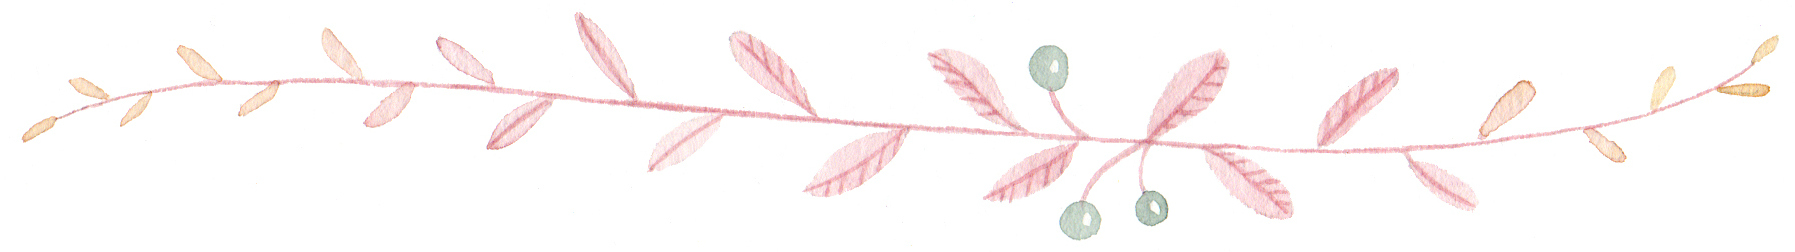 divider-vine-cropped2